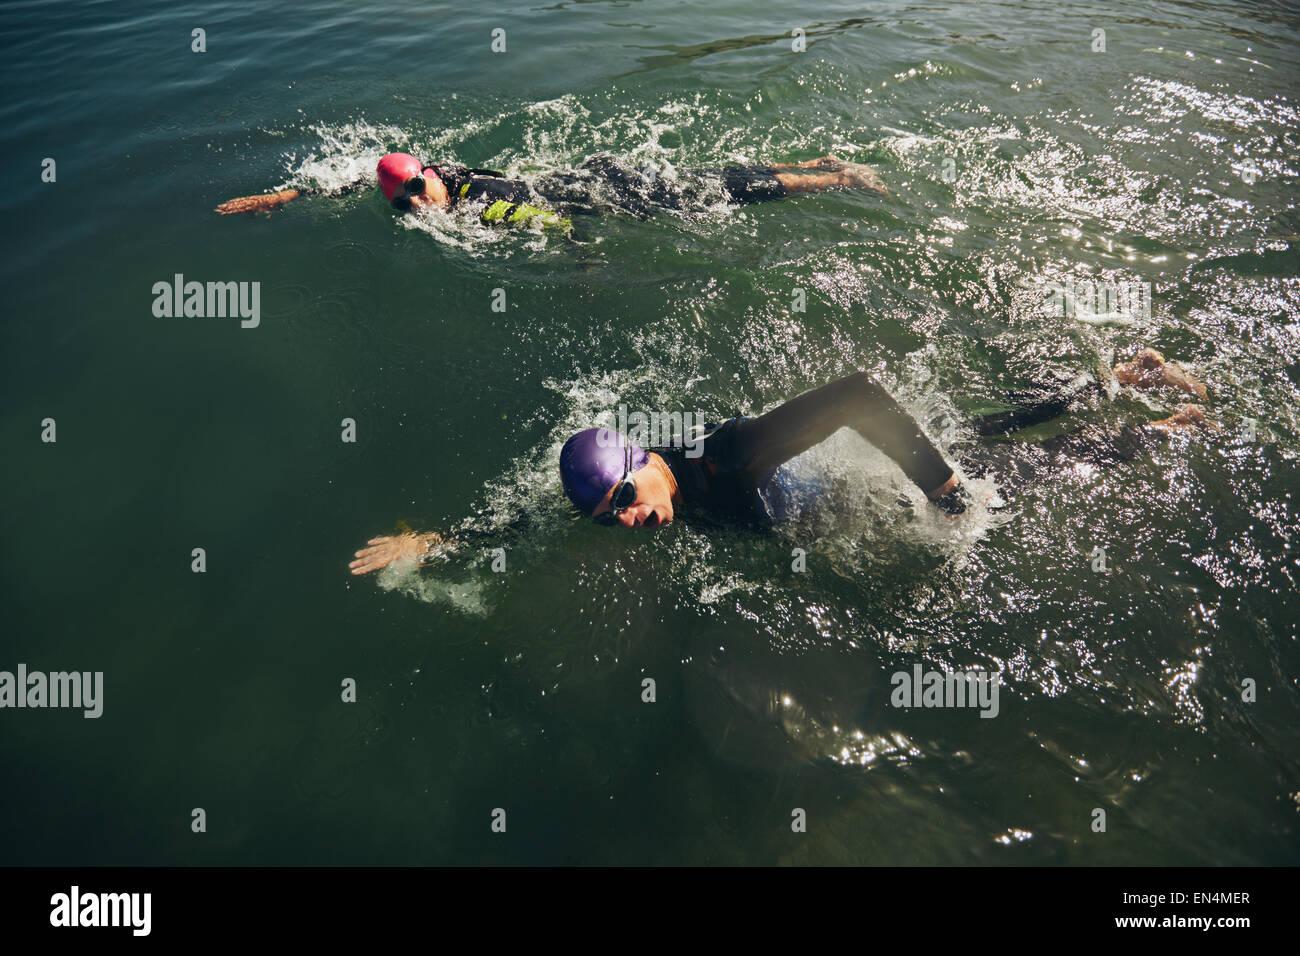 La lutte contre les concurrents dans le cas de natation triathlon la concurrence. Photo Stock